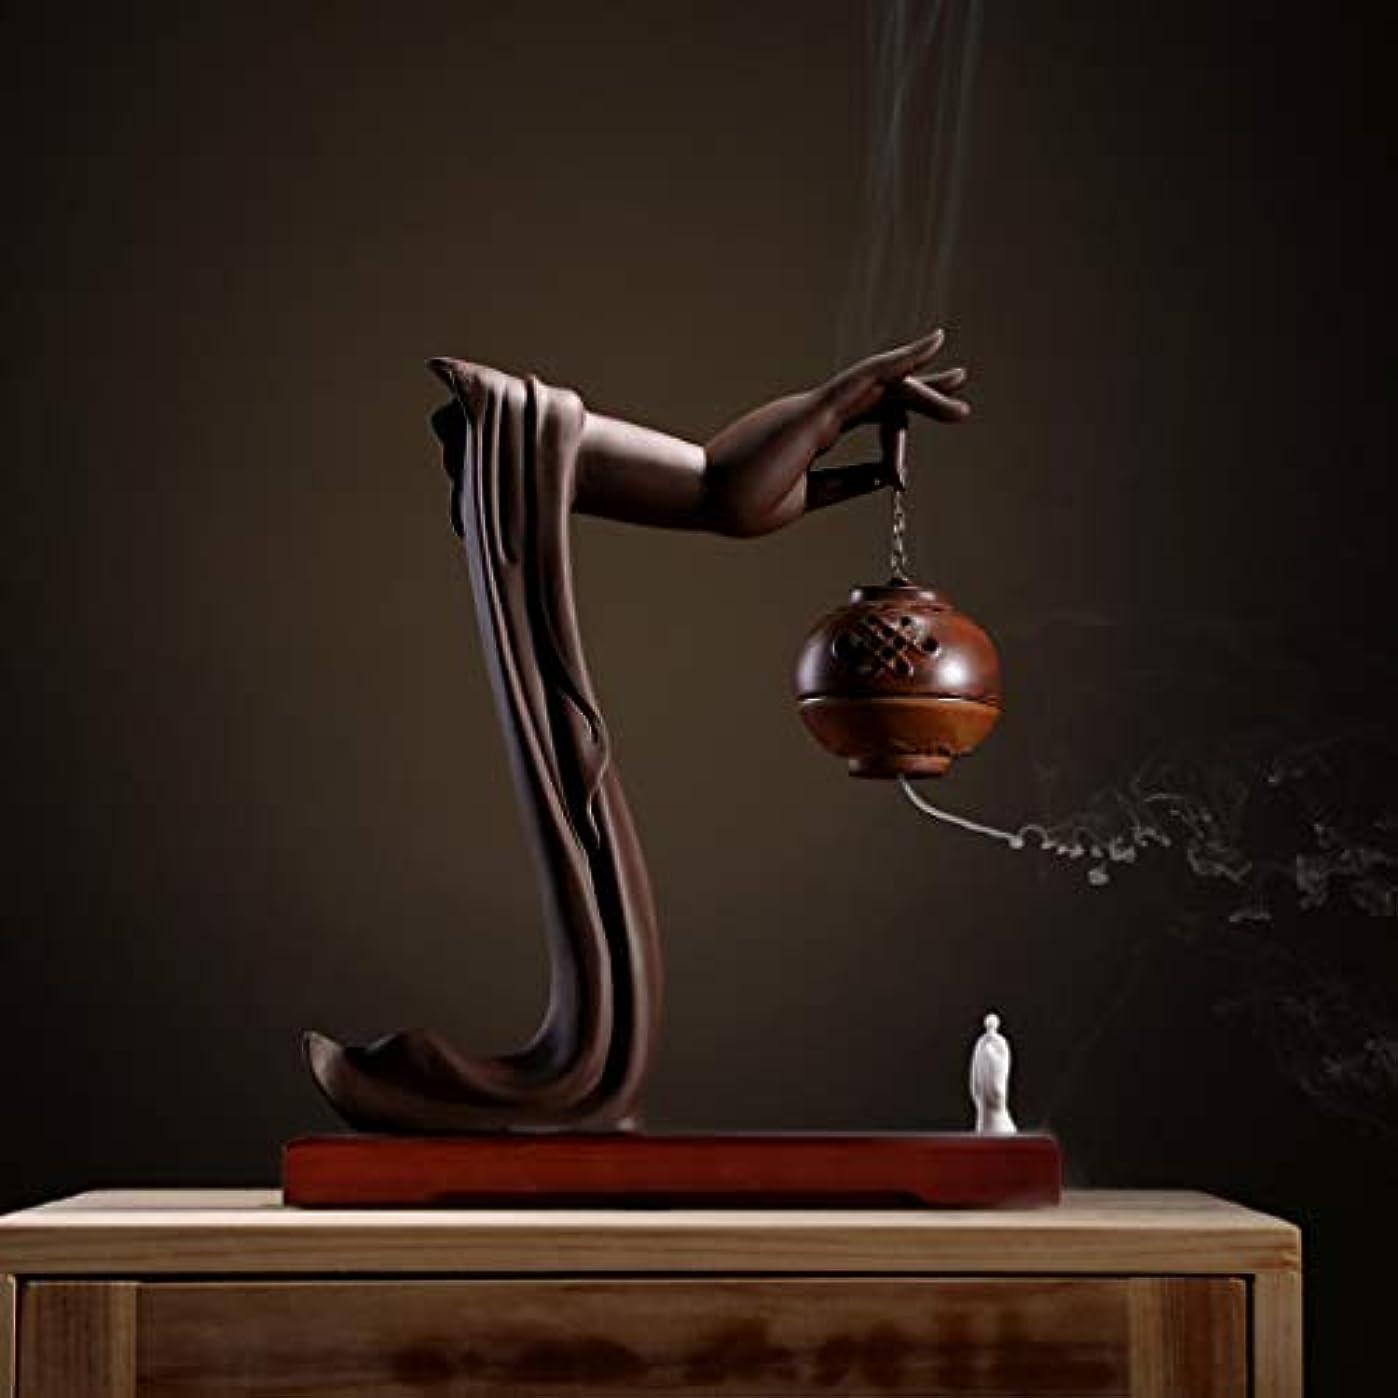 言うまでもなく手を差し伸べる用語集手動逆流香バーナーロータス/僧侶逆流香バーナーコーンコーンブラケットホームデスクトップの装飾L28cm×W9.5cm×H33cm (Color : Brown incense burner)